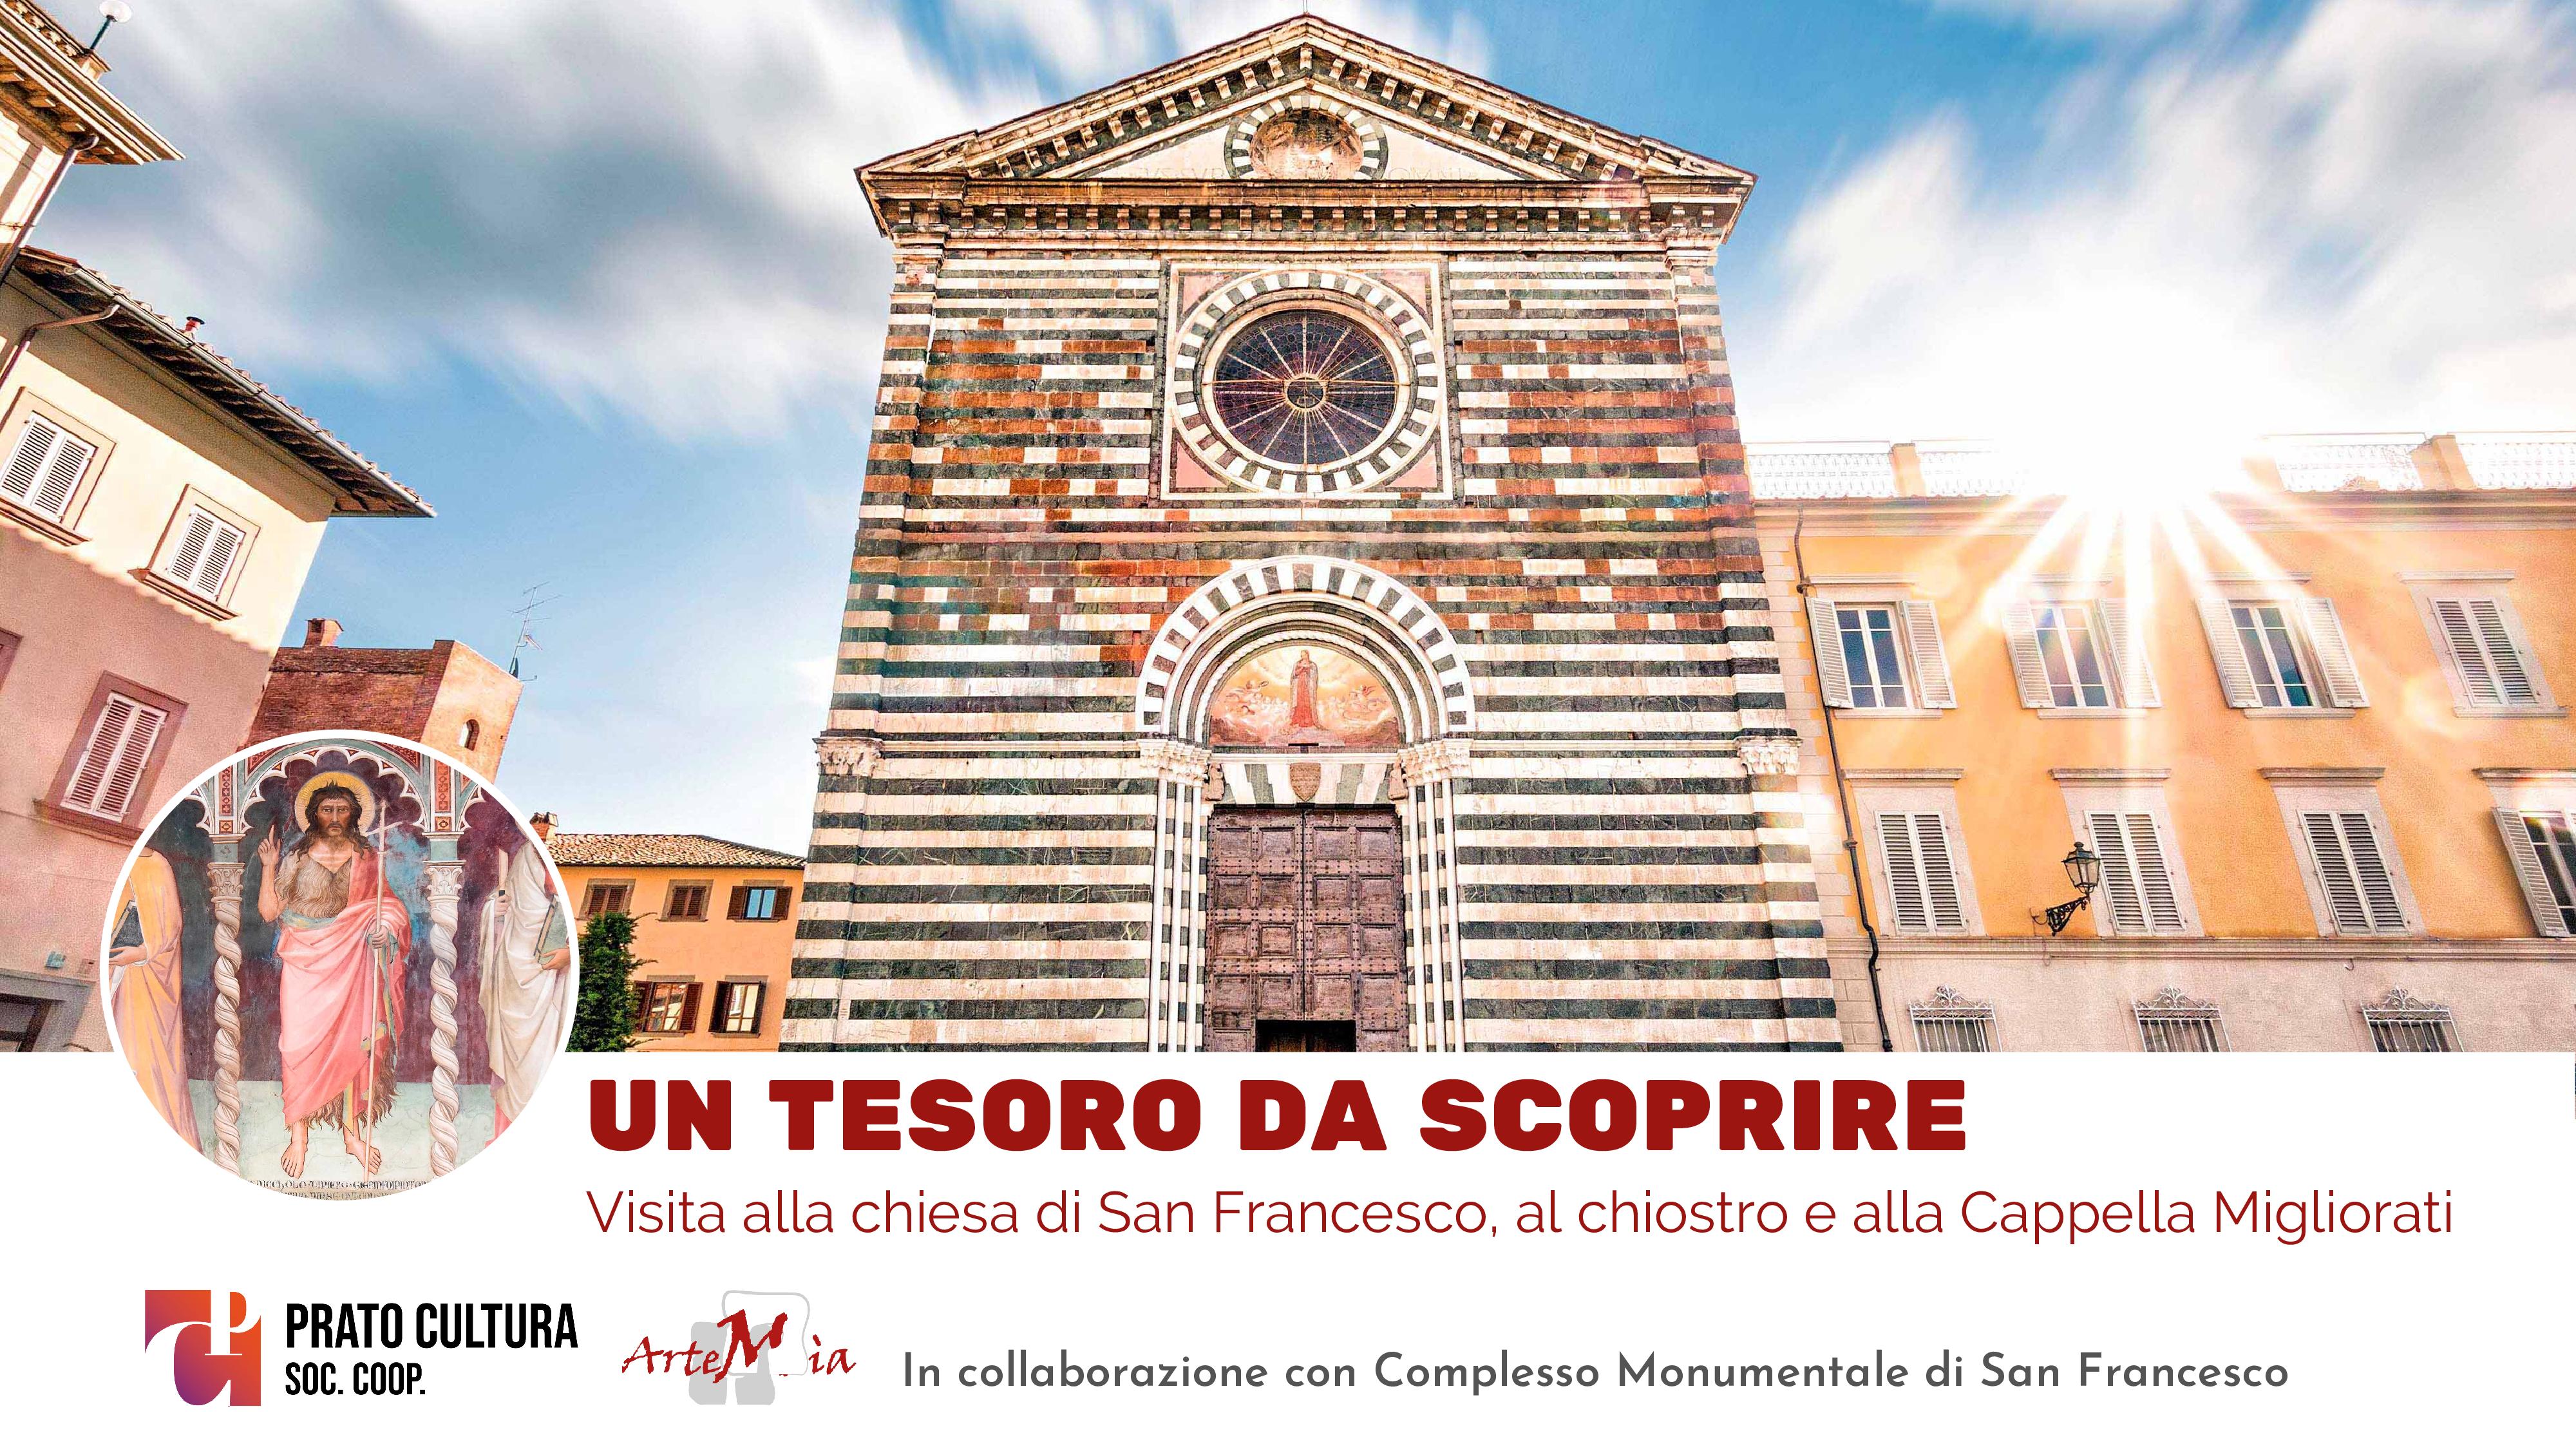 Visita: UN TESORO DA SCOPRIRE - La Chiesa di San Francesco, il chiostro e la Cappella Migliorati